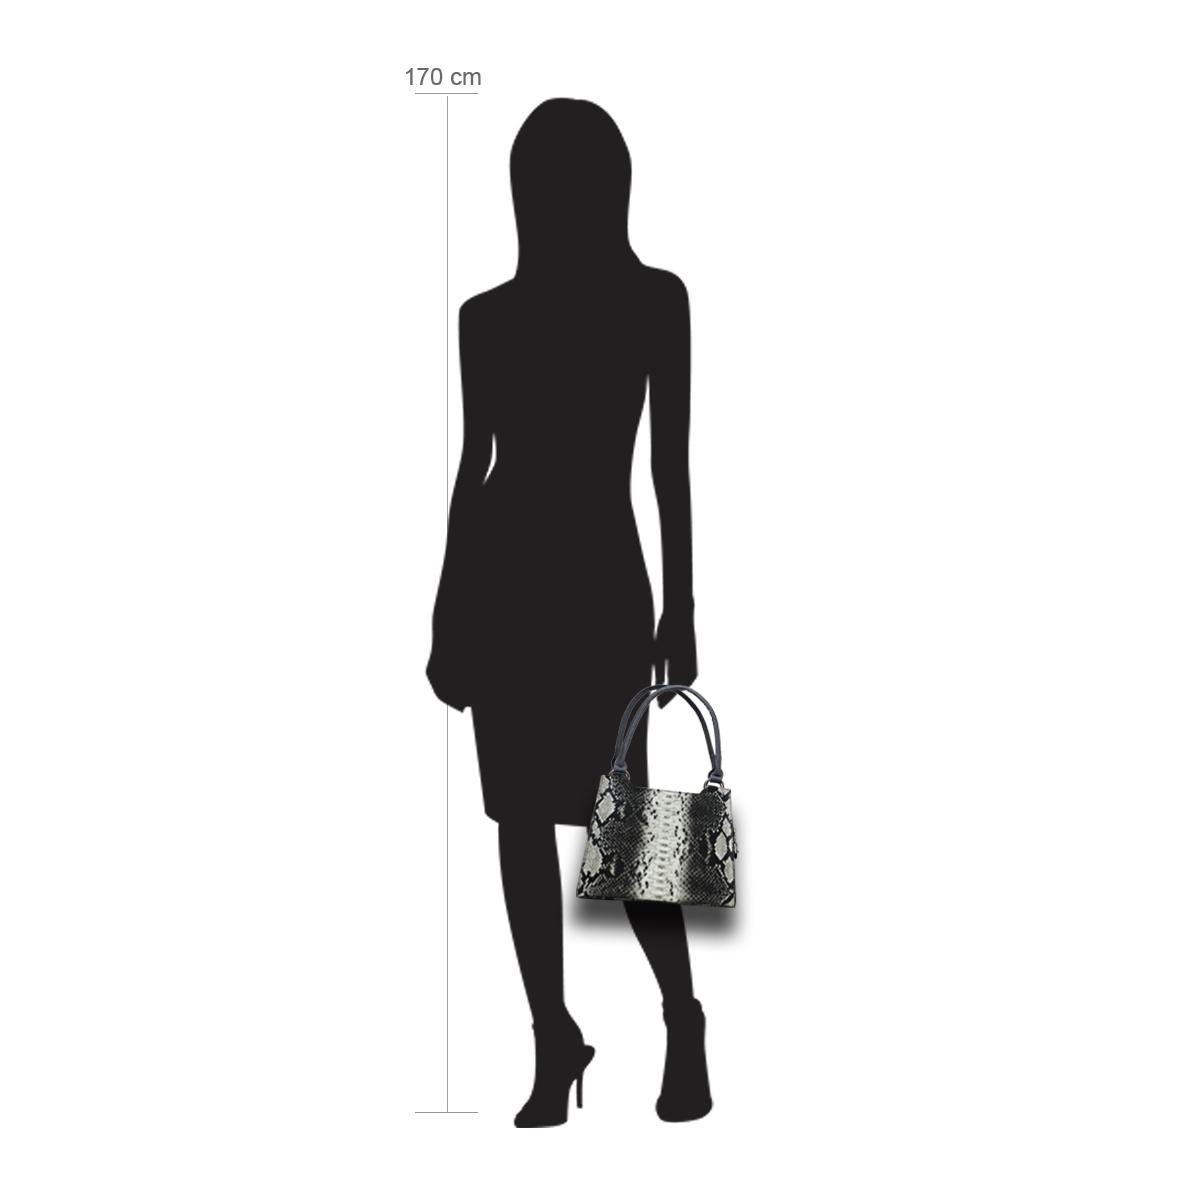 Modellpuppe 170 cm groß zeigt die Handtaschengröße an der Person Modell:Mombasa